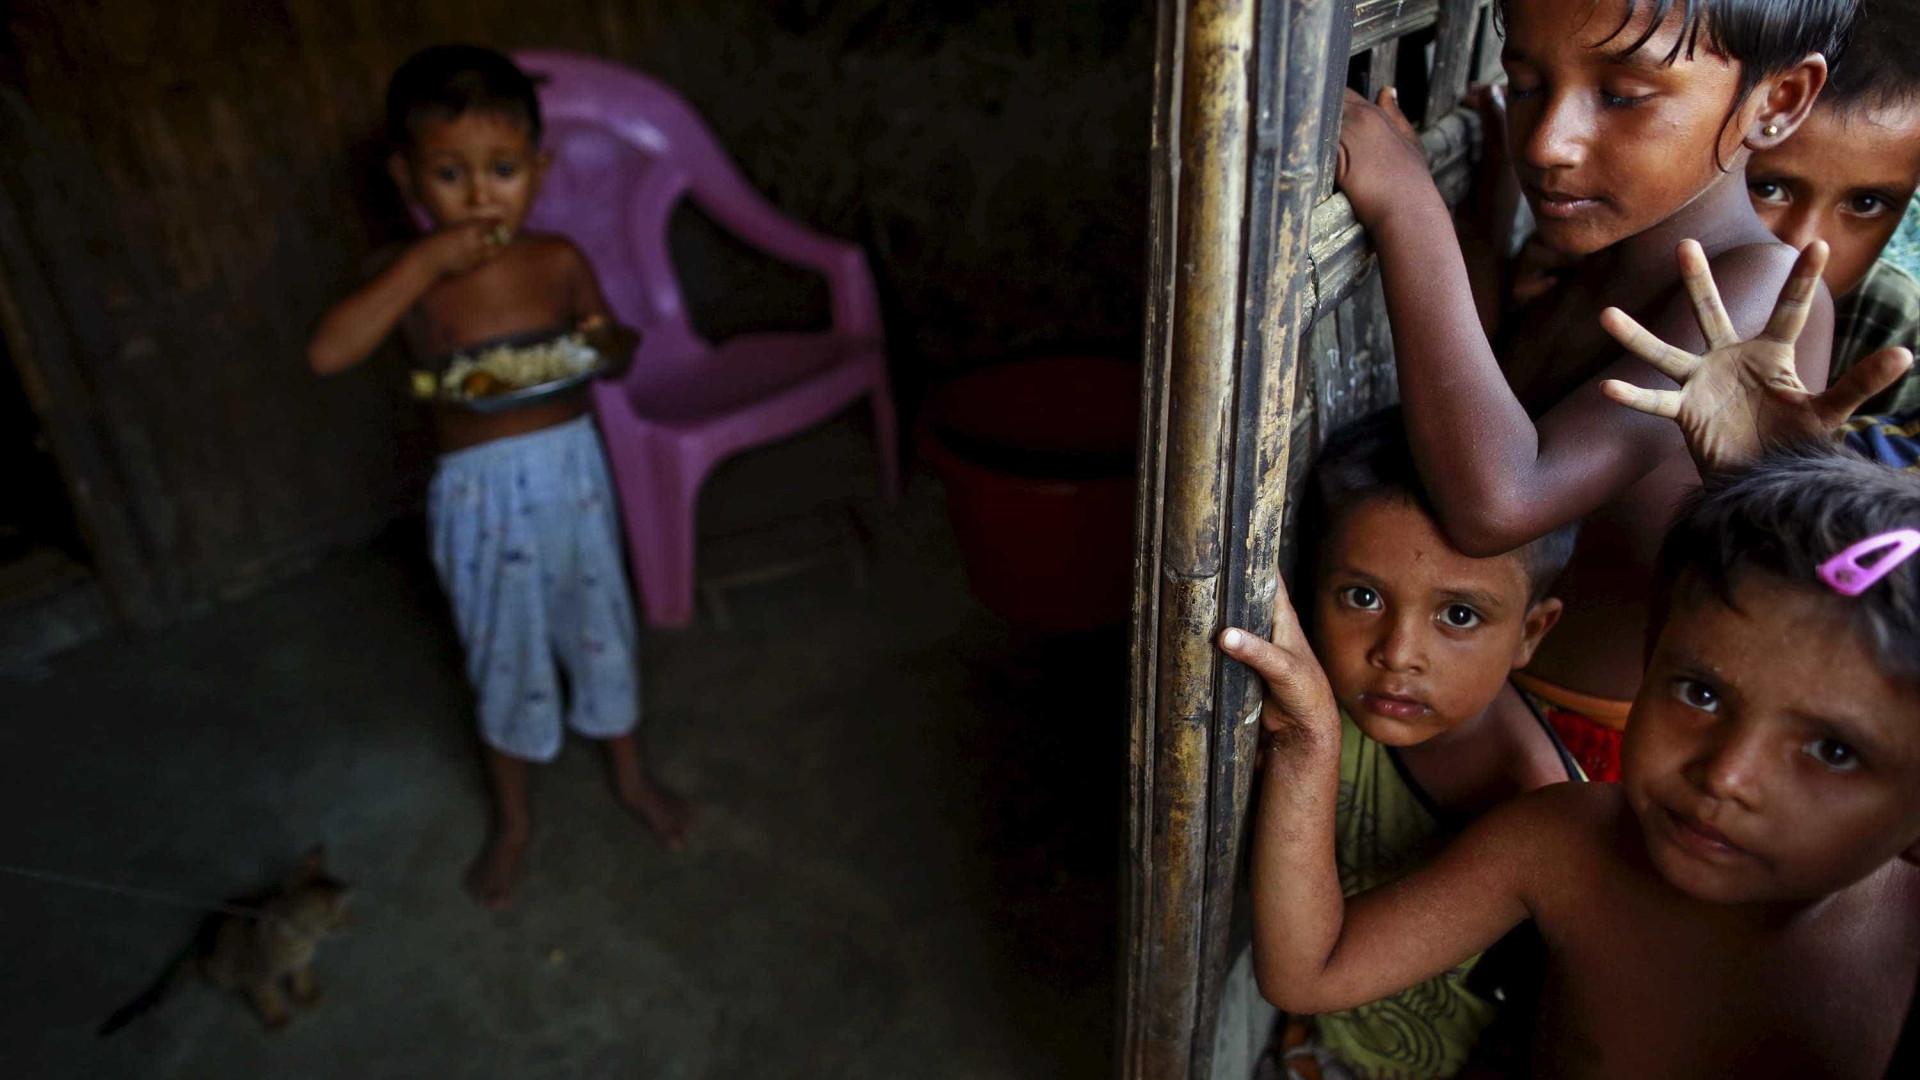 IBGE: fome aumenta 43,7% em 5 anos no Brasil